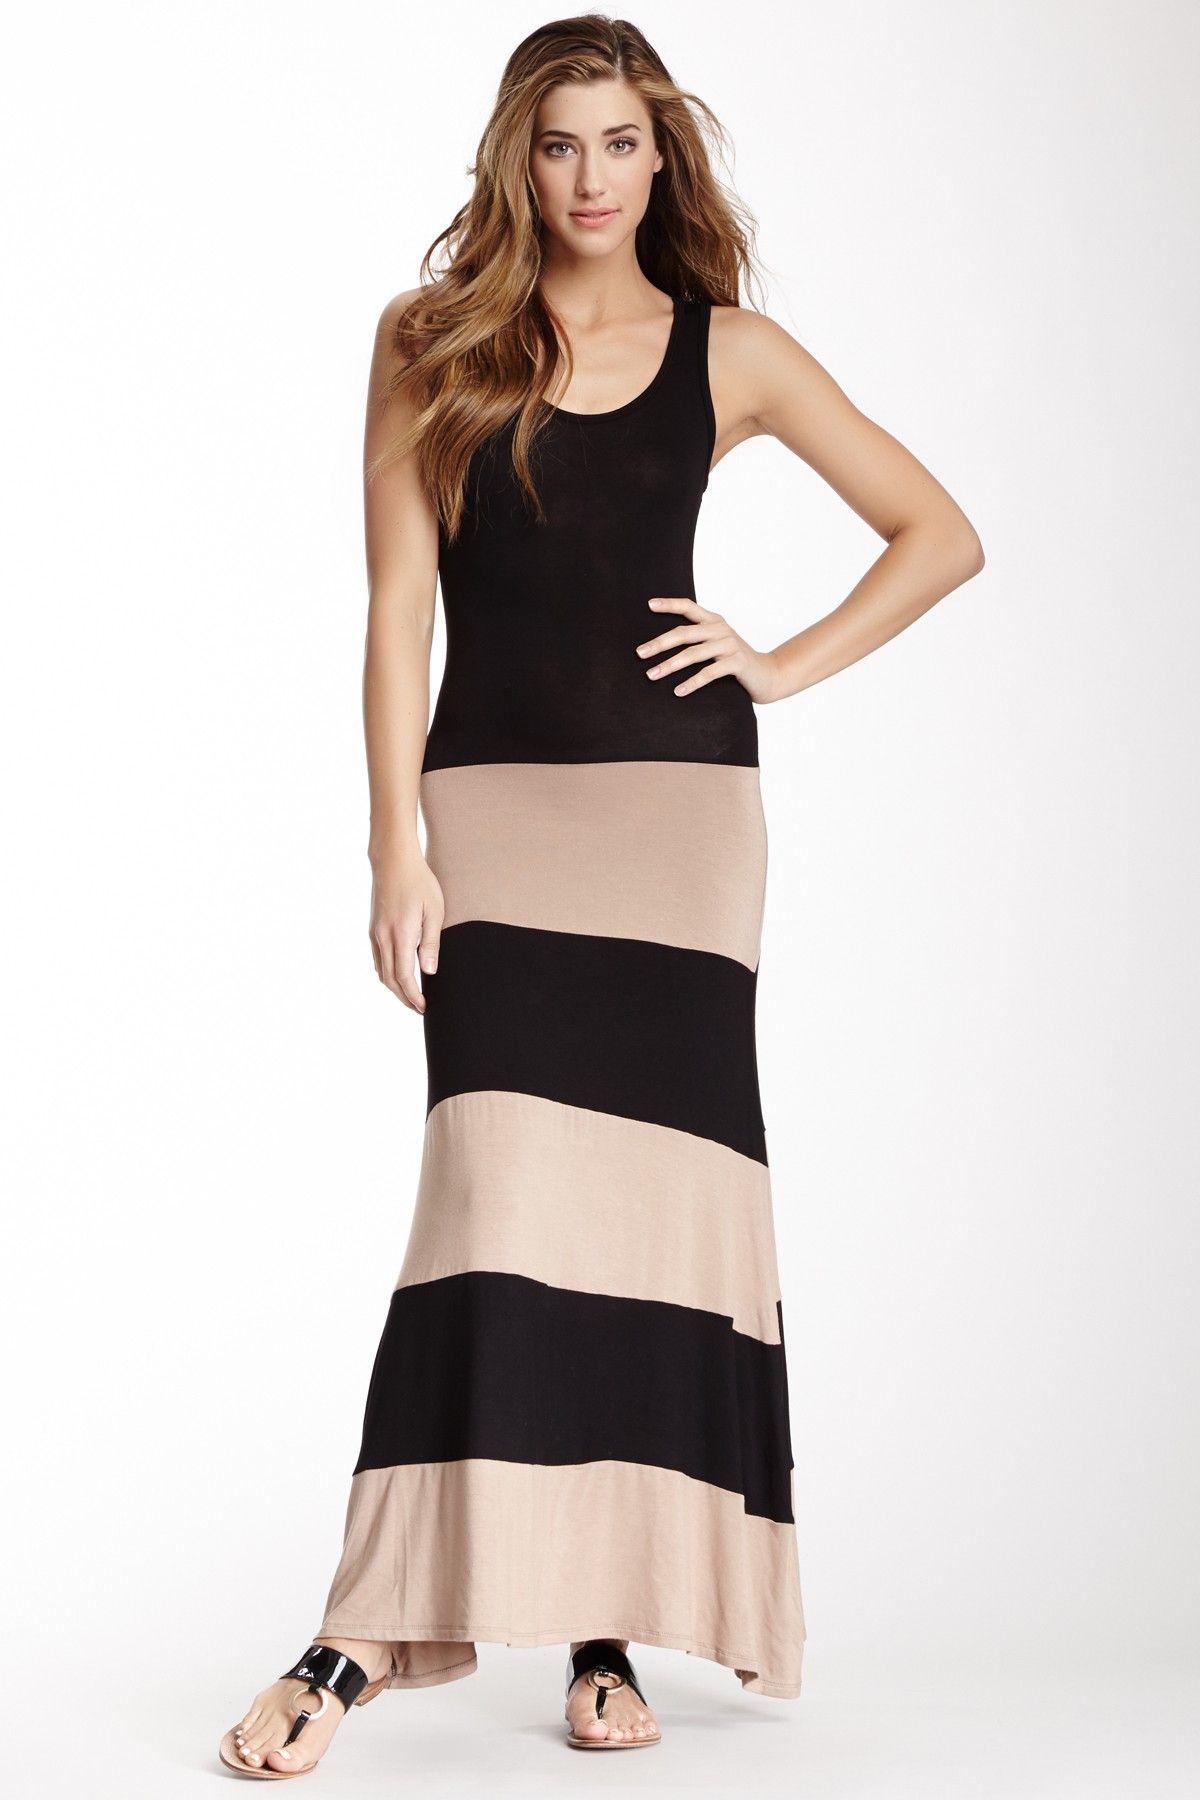 cute maxi dress great for summer Cute maxi dress